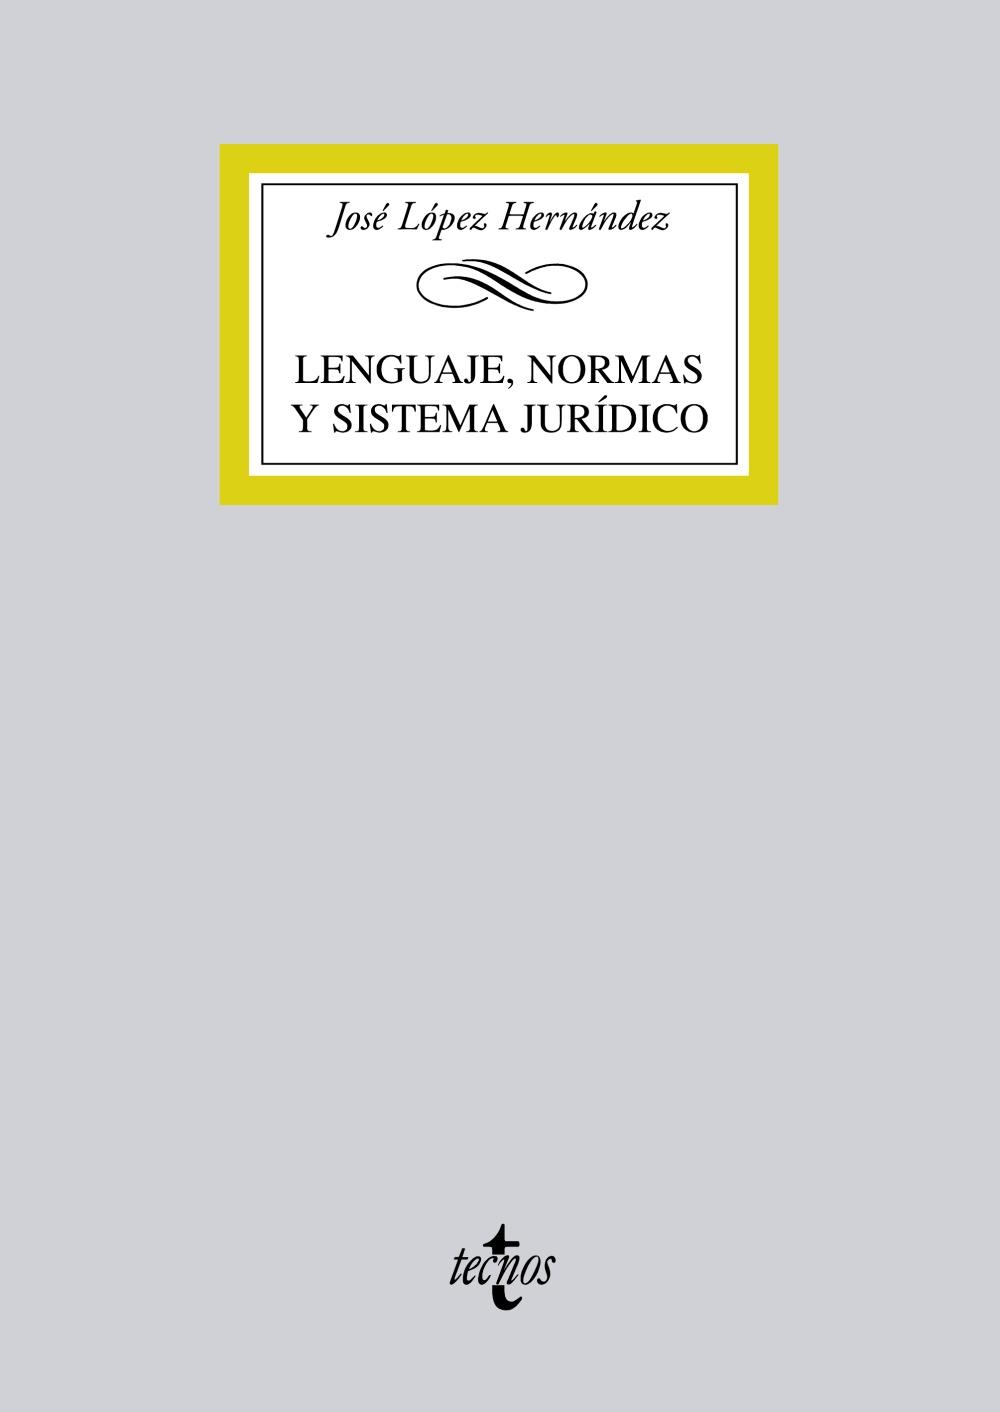 Lenguaje, Normas Y Sistema Juridico por Jose Lopez Hernandez